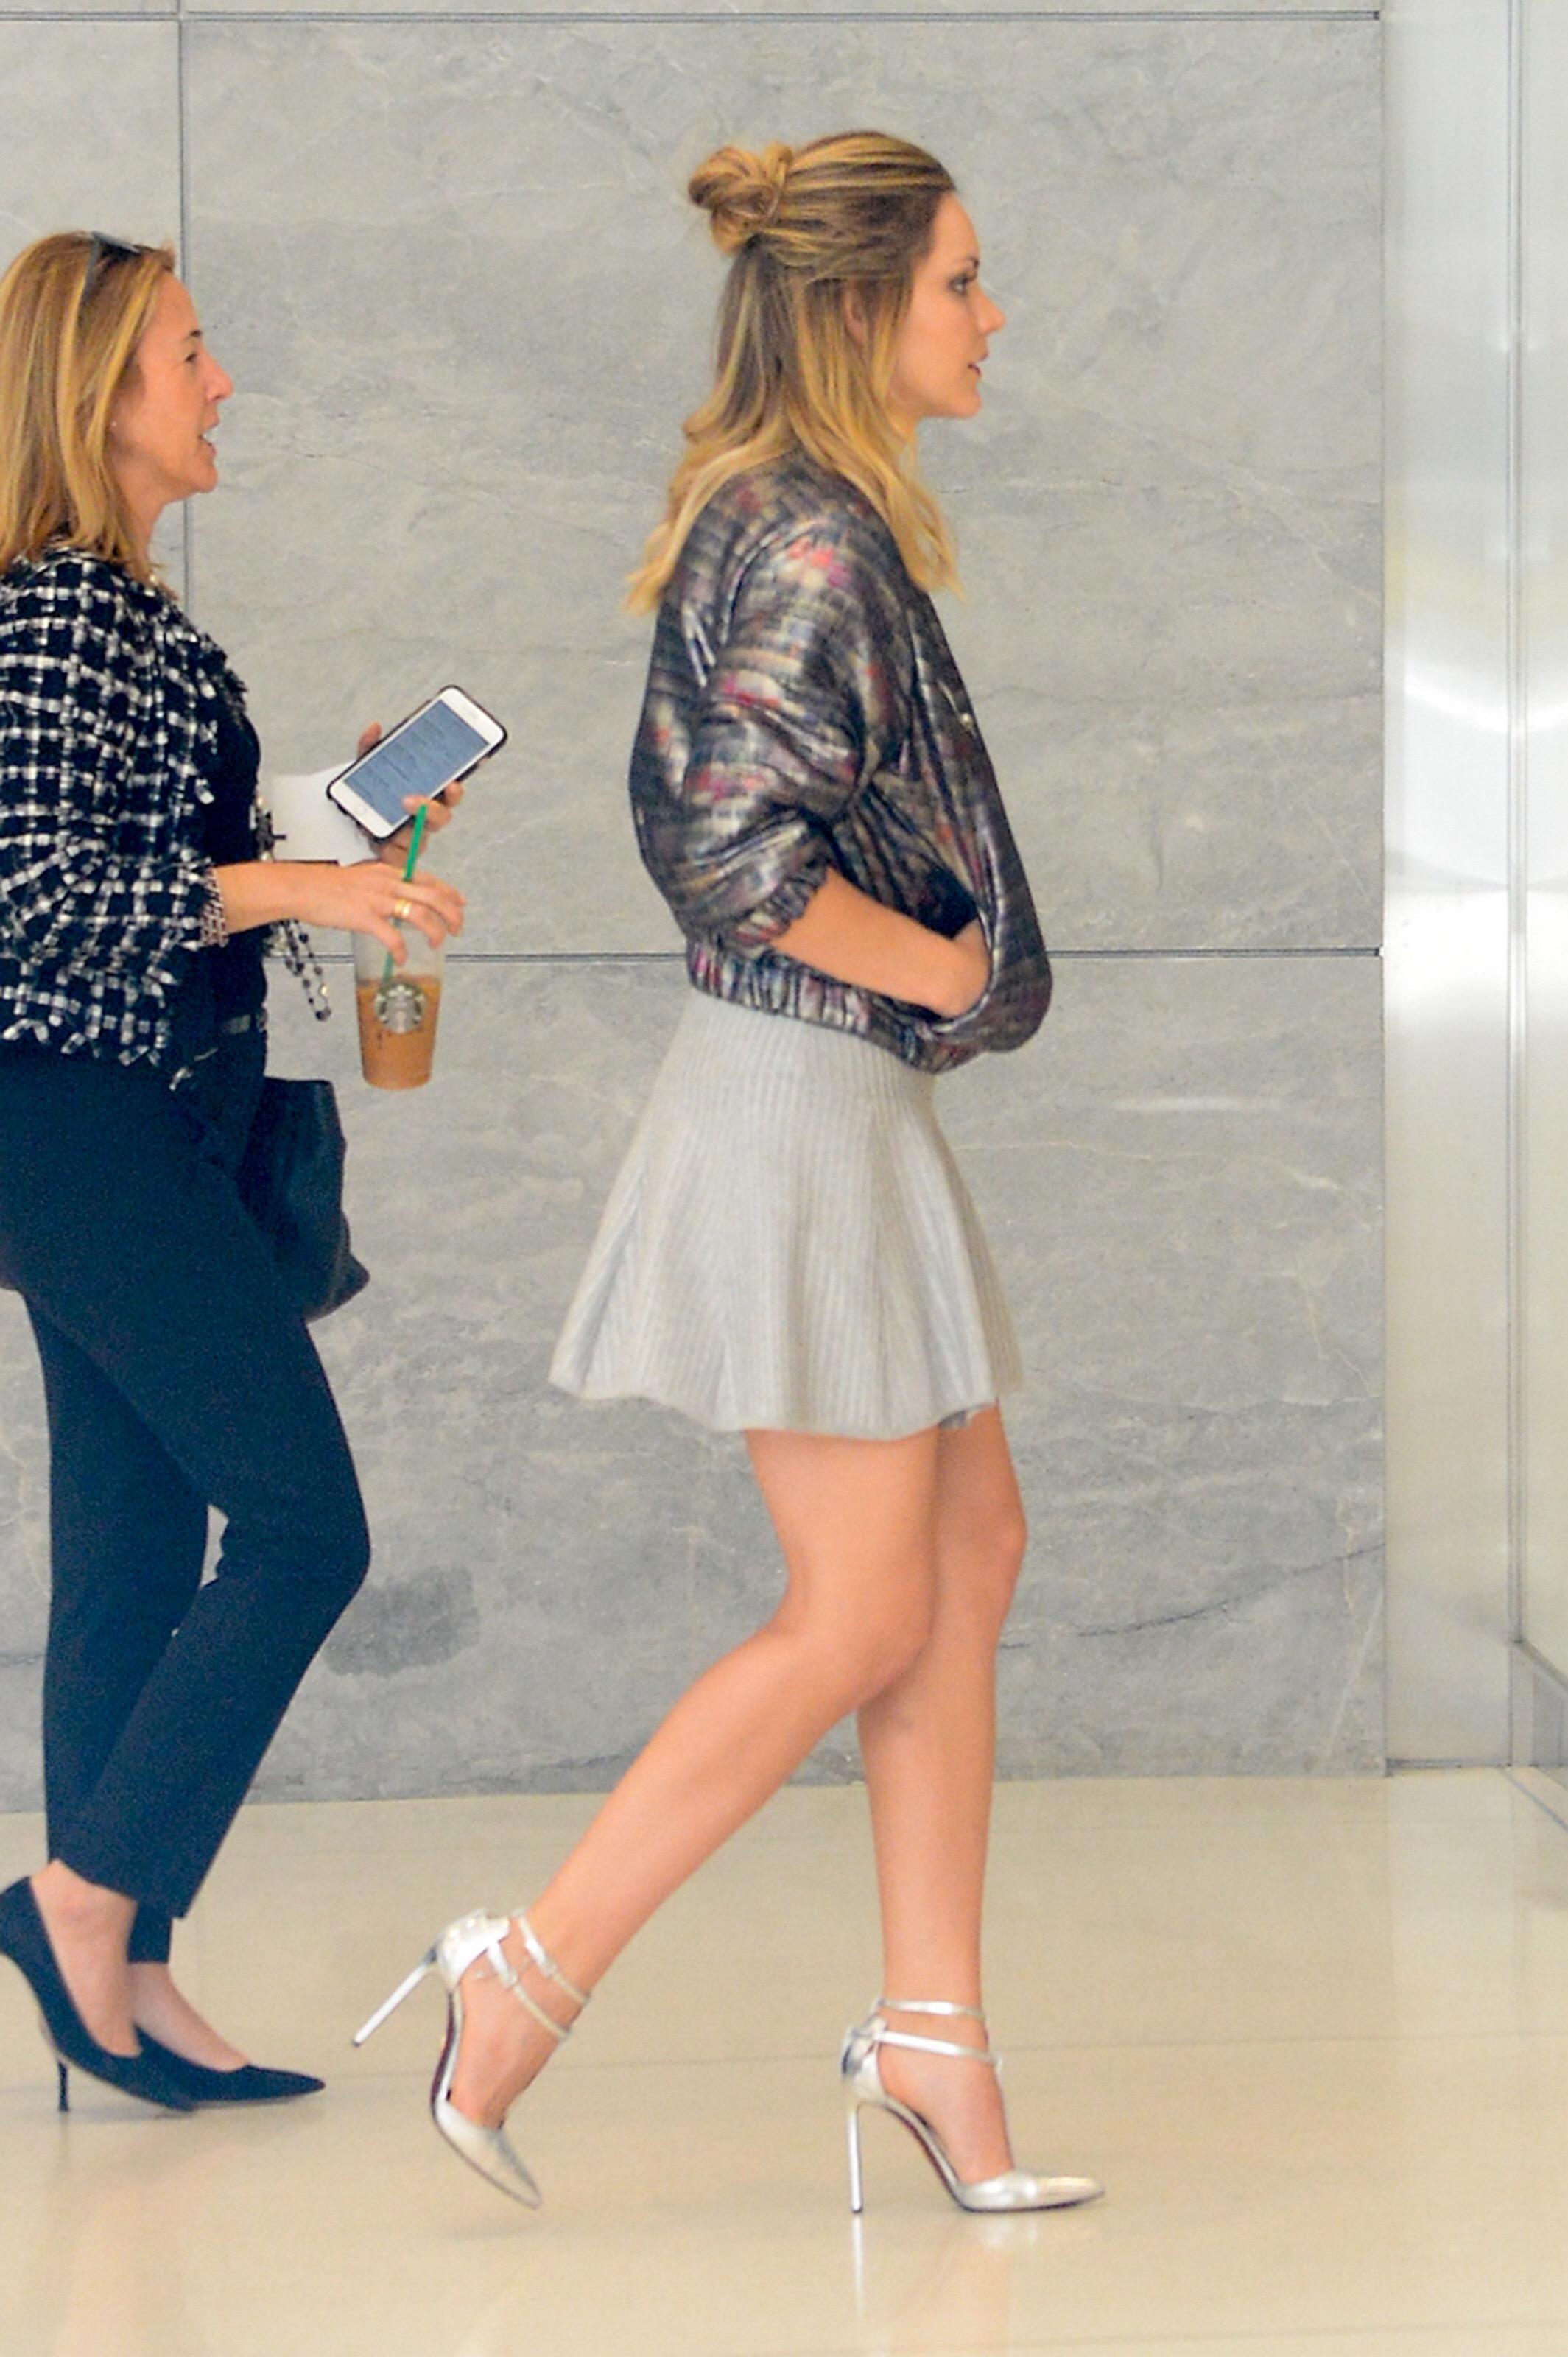 short Sexy high heels skirts legs